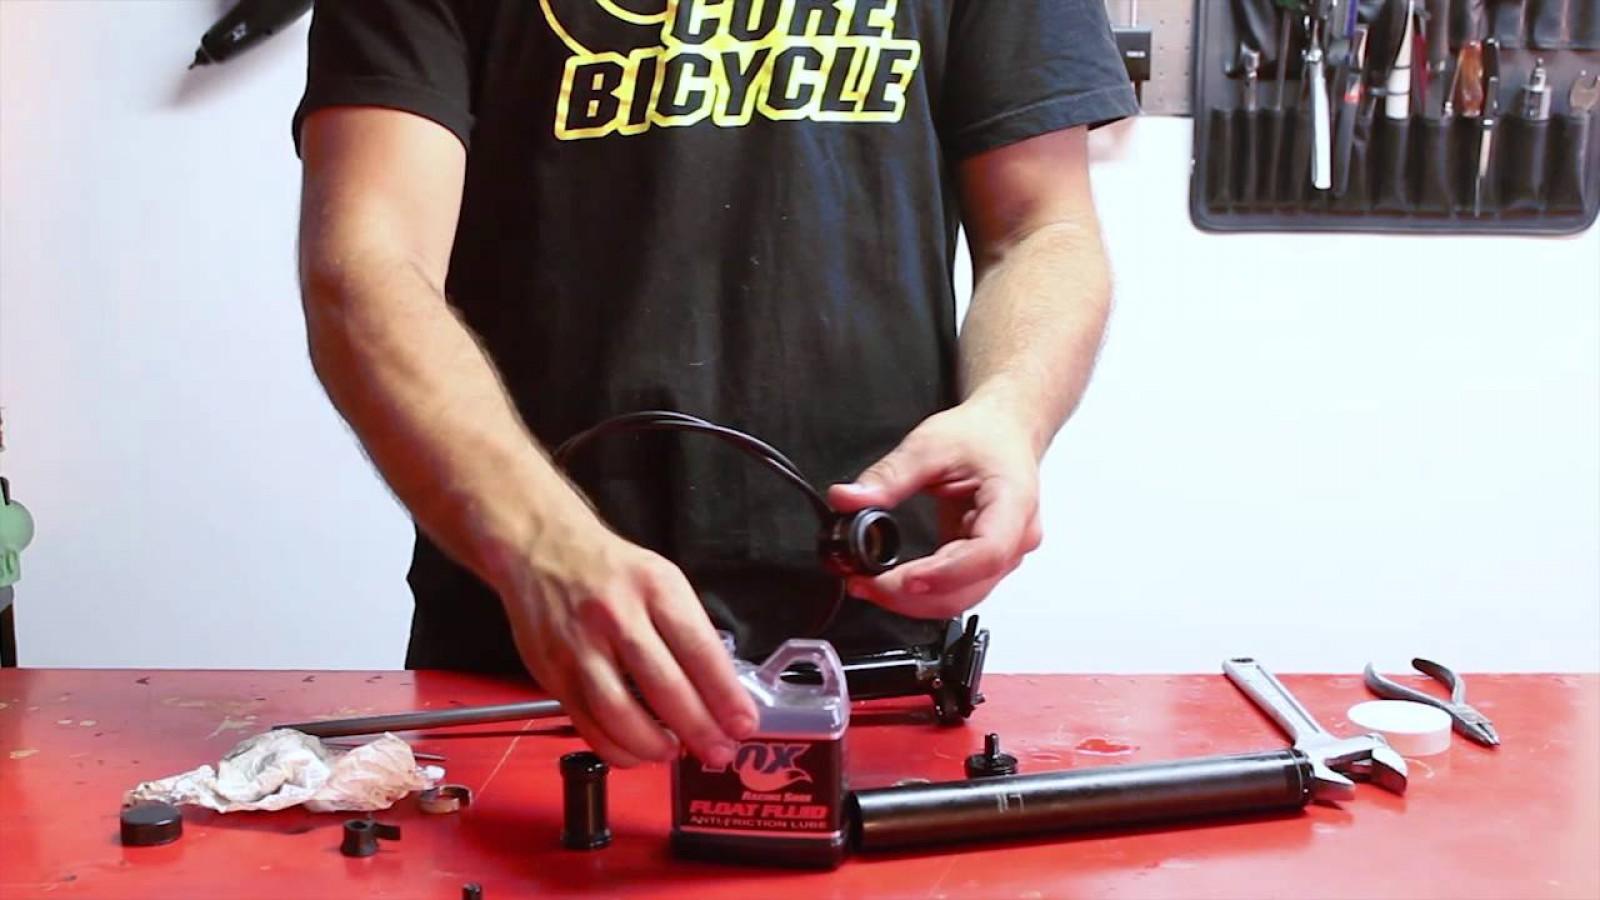 engrasar-bicicleta/